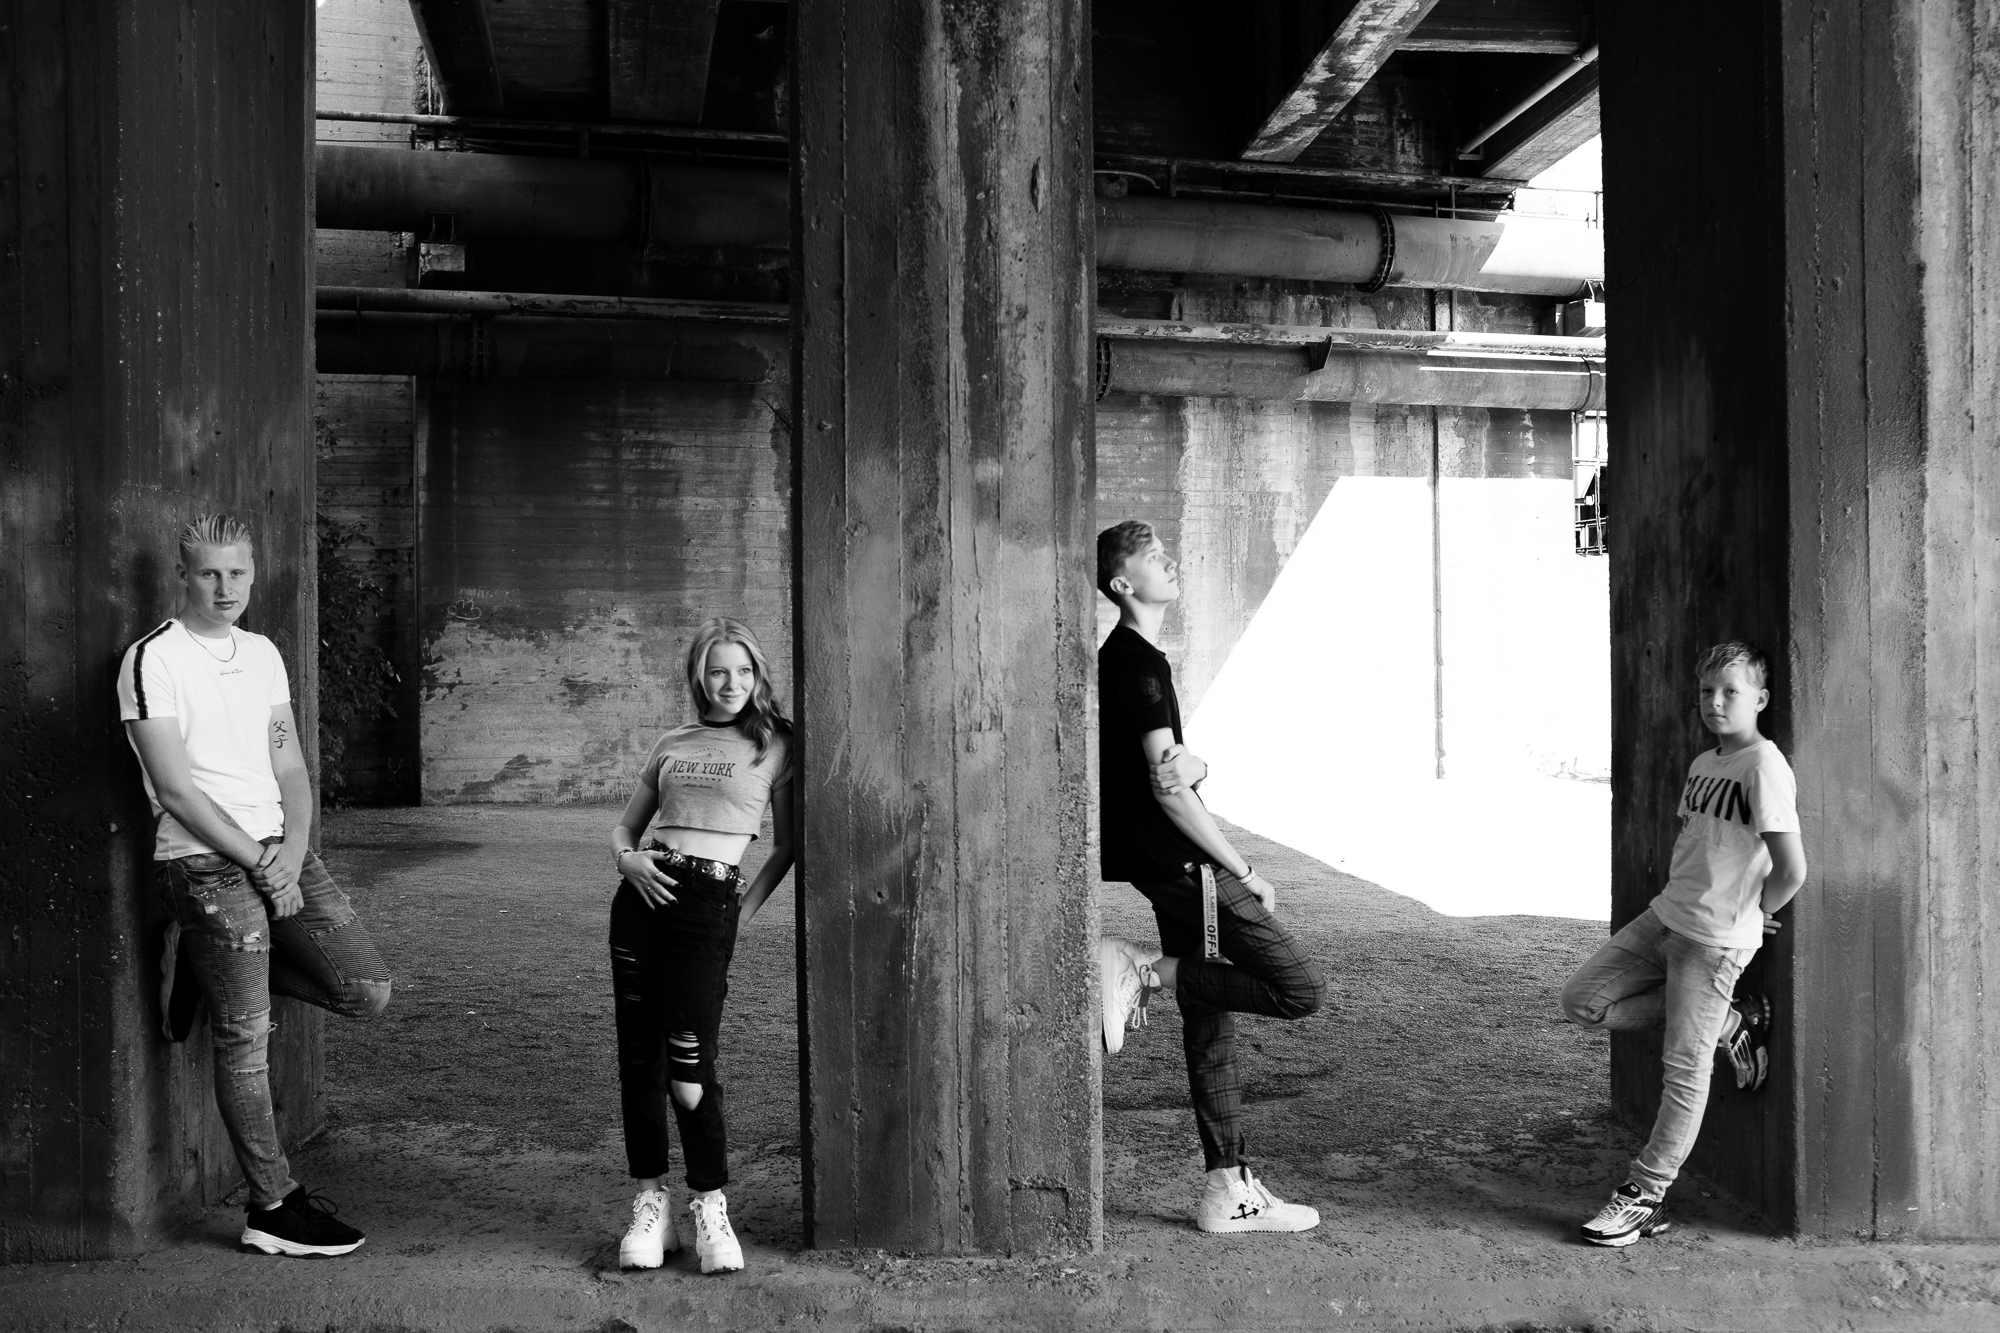 A group portrait between concrete pillars